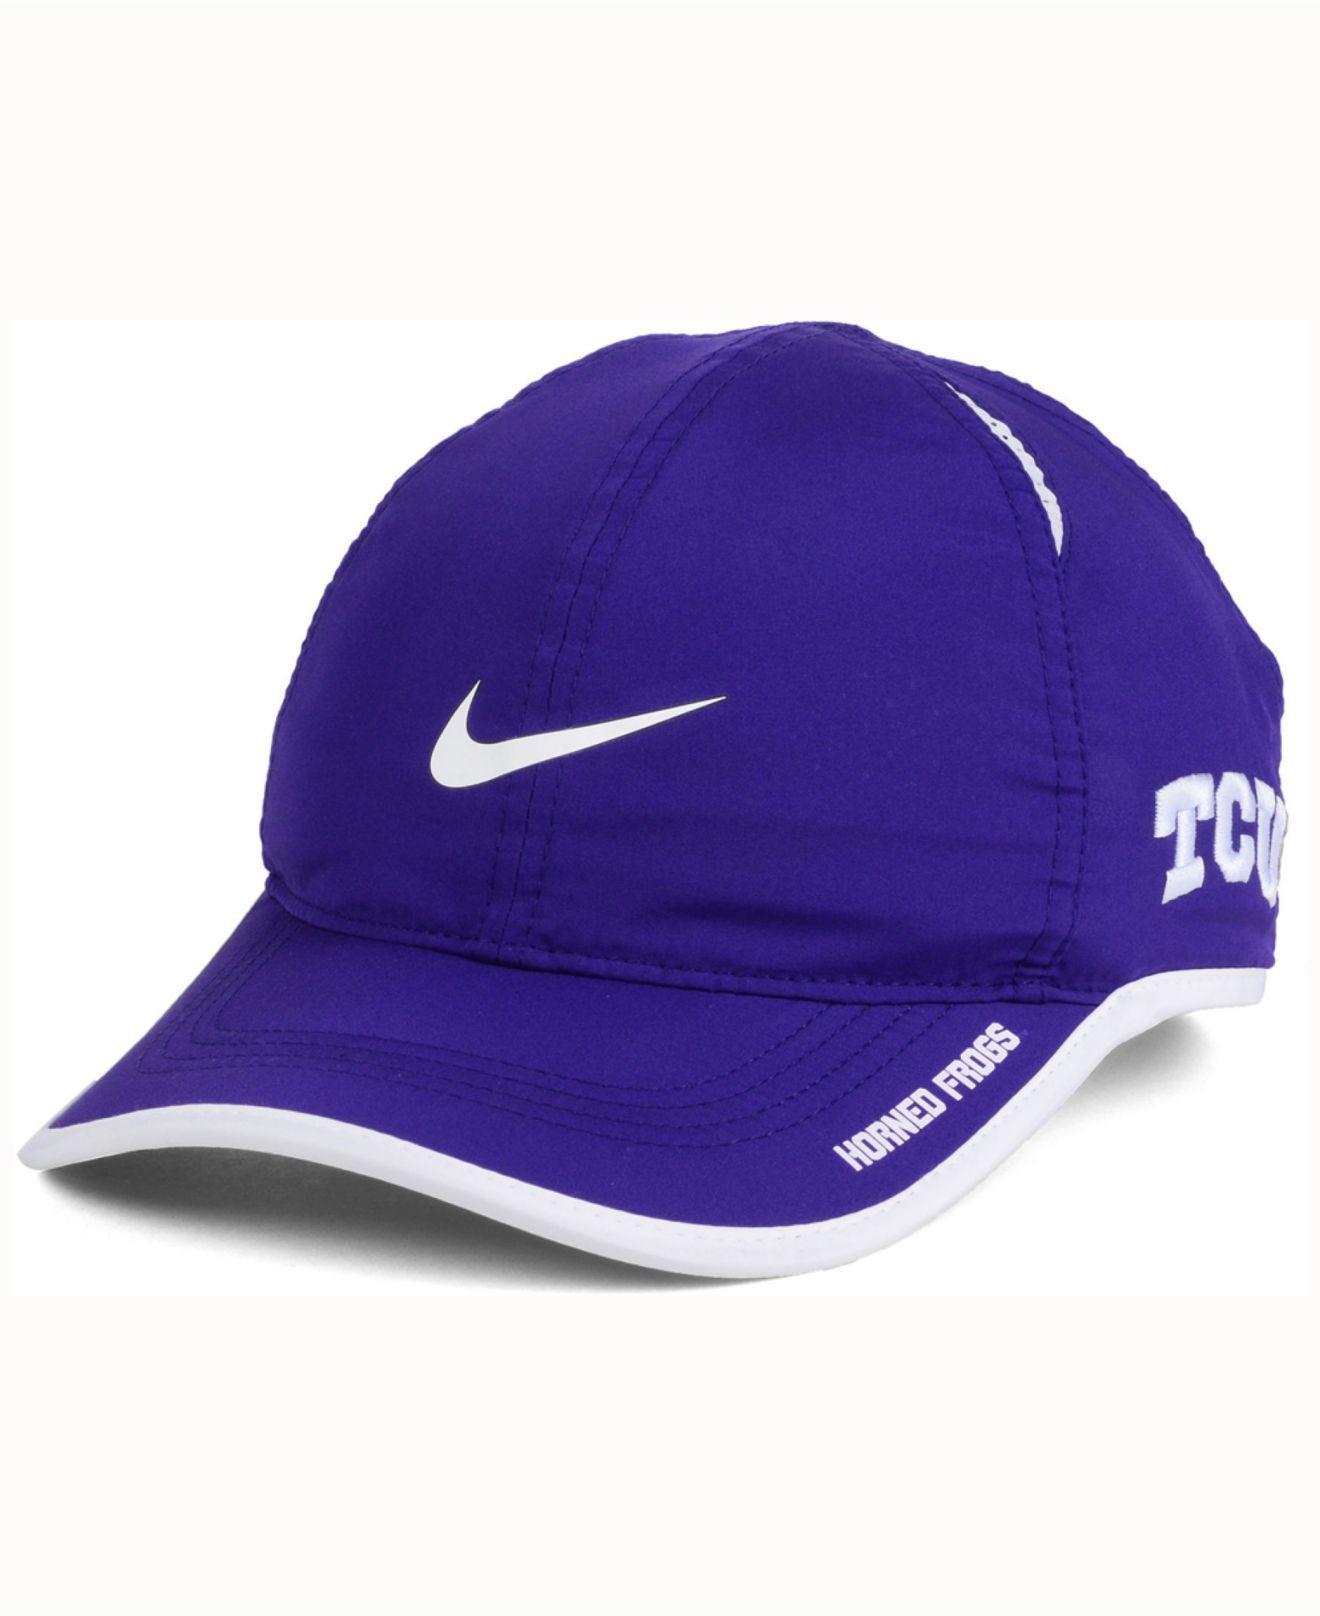 buy online 2cdcf e0c17 ... sweden lyst nike tcu horned frogs featherlight cap in purple for men  f408d 36066